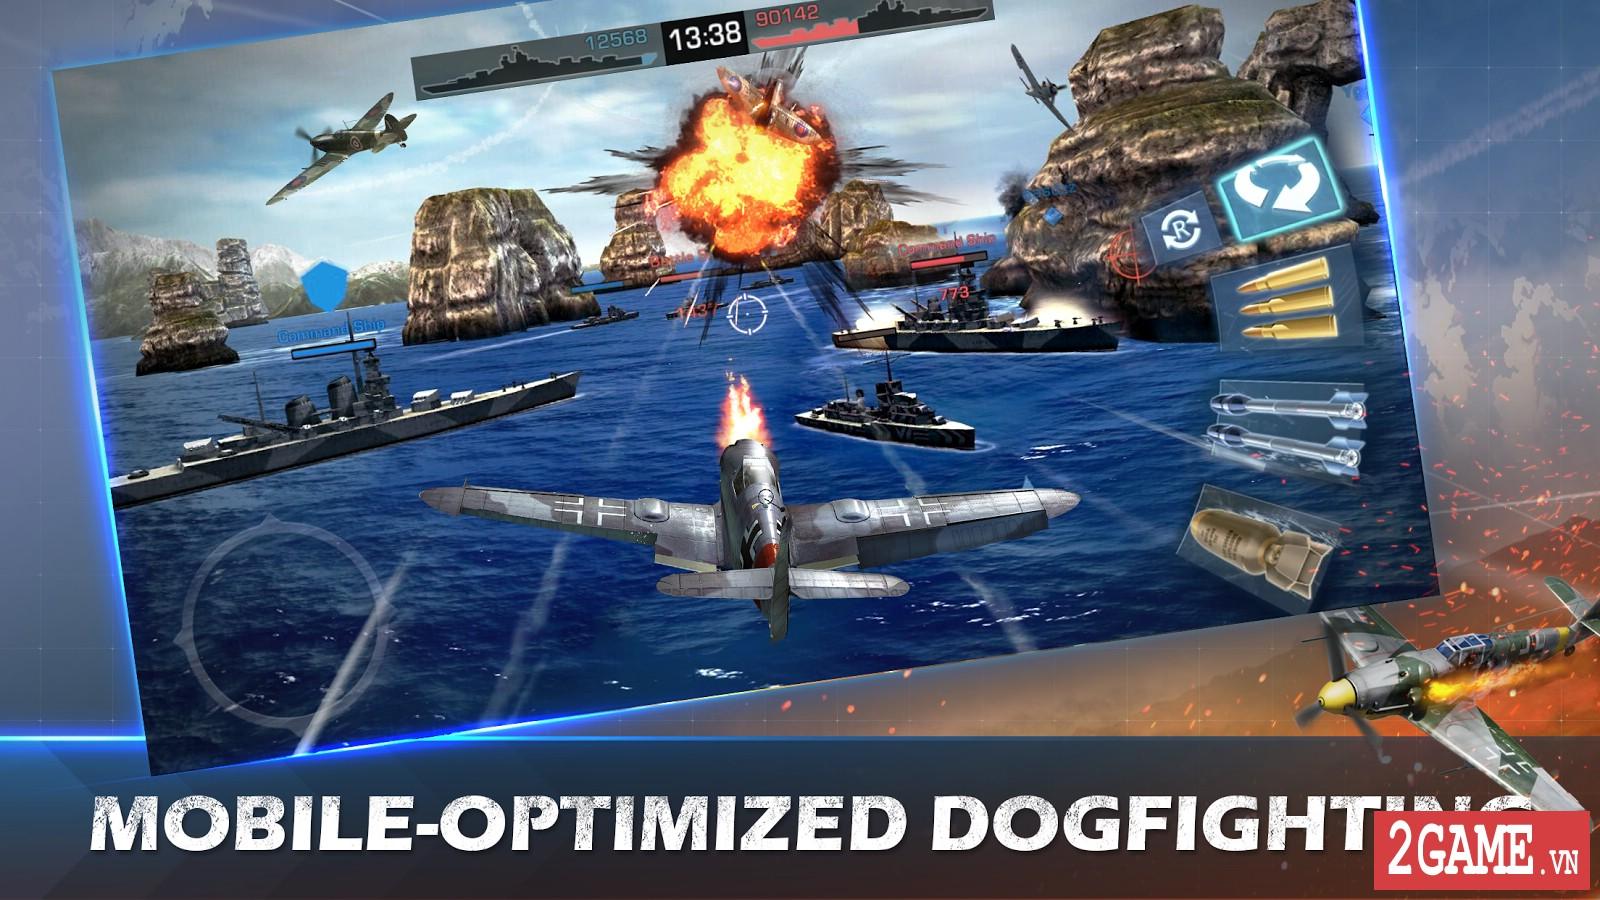 War Wings - Game bắn máy bay trực tuyến hay tuyệt cú mèo dành cho mobile game 2